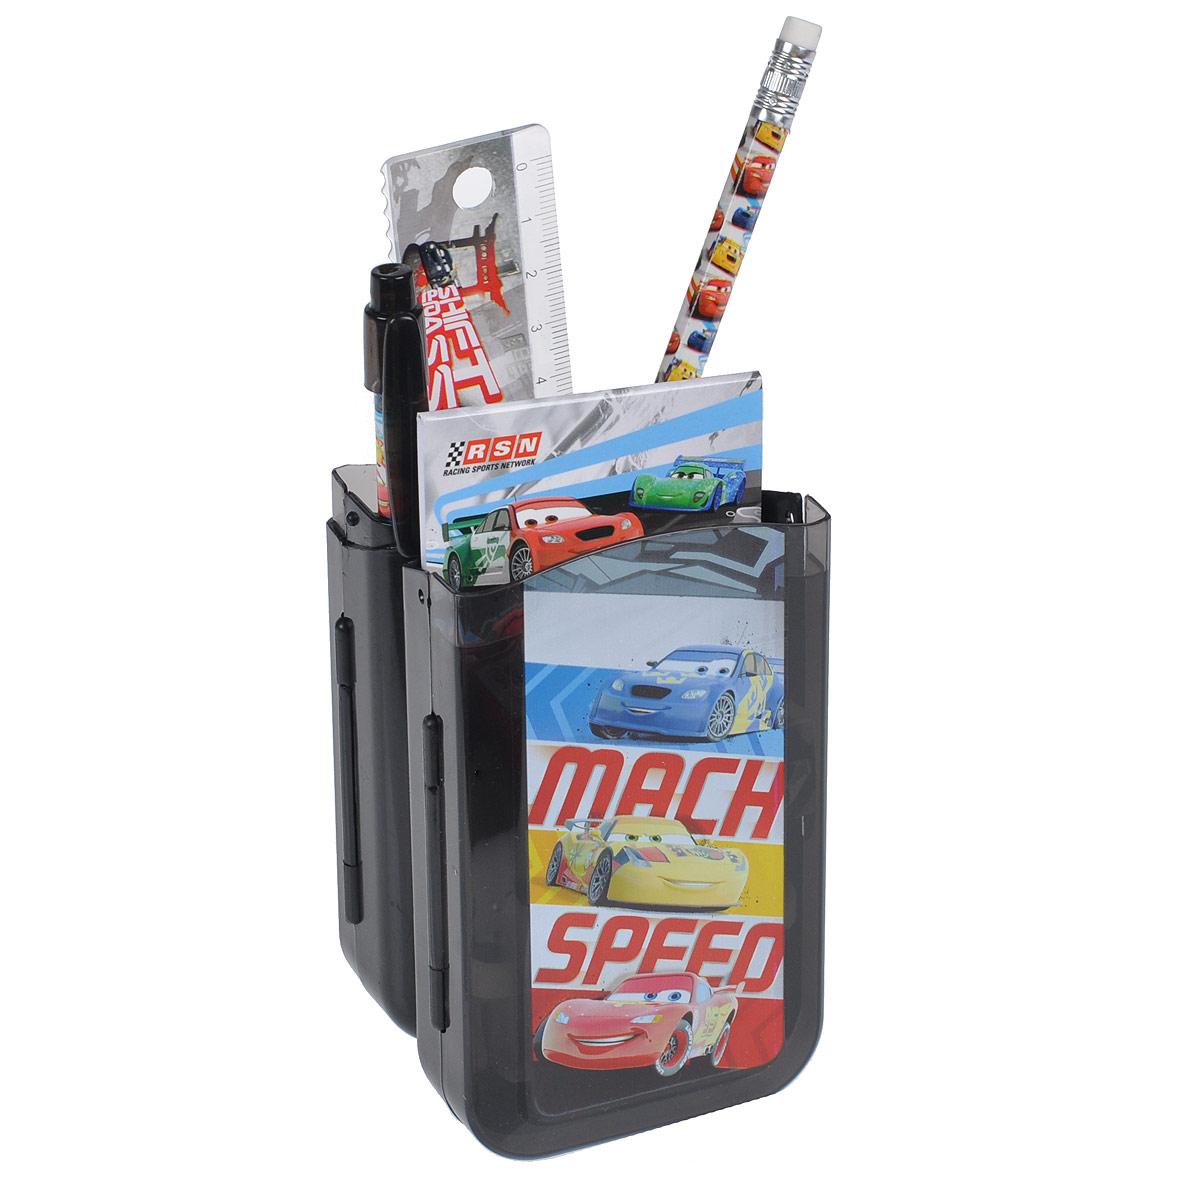 Канцелярский набор Cars, 7 предметов. CRAB-US1-75409-HFS-00103Канцелярский набор Cars станет незаменимым атрибутом в учебе любого школьника.Он включает в себя пластиковый пенал, чернографитный карандаш с ластиком, автоматическую ручку, ластик, точилку, пластиковую линейку 15 см и небольшой блокнотик. Пенал снабжен поднимающейся подставкой для пишущих принадлежностей. Он раскрывается в центре, секции разворачиваются, и пенал можно использовать в качестве стакана для канцелярских принадлежностей.Ручка снабжена прорезиненной вставкой в области захвата, подача стержня производится путем нажатия на кнопку в верхней части ручки.Блокнотик дополнен картонной обложкой, внутренний блок содержит листы с печатью.Все предметы набора оформлены изображениями персонажей популярного мультфильма Тачки (Cars).